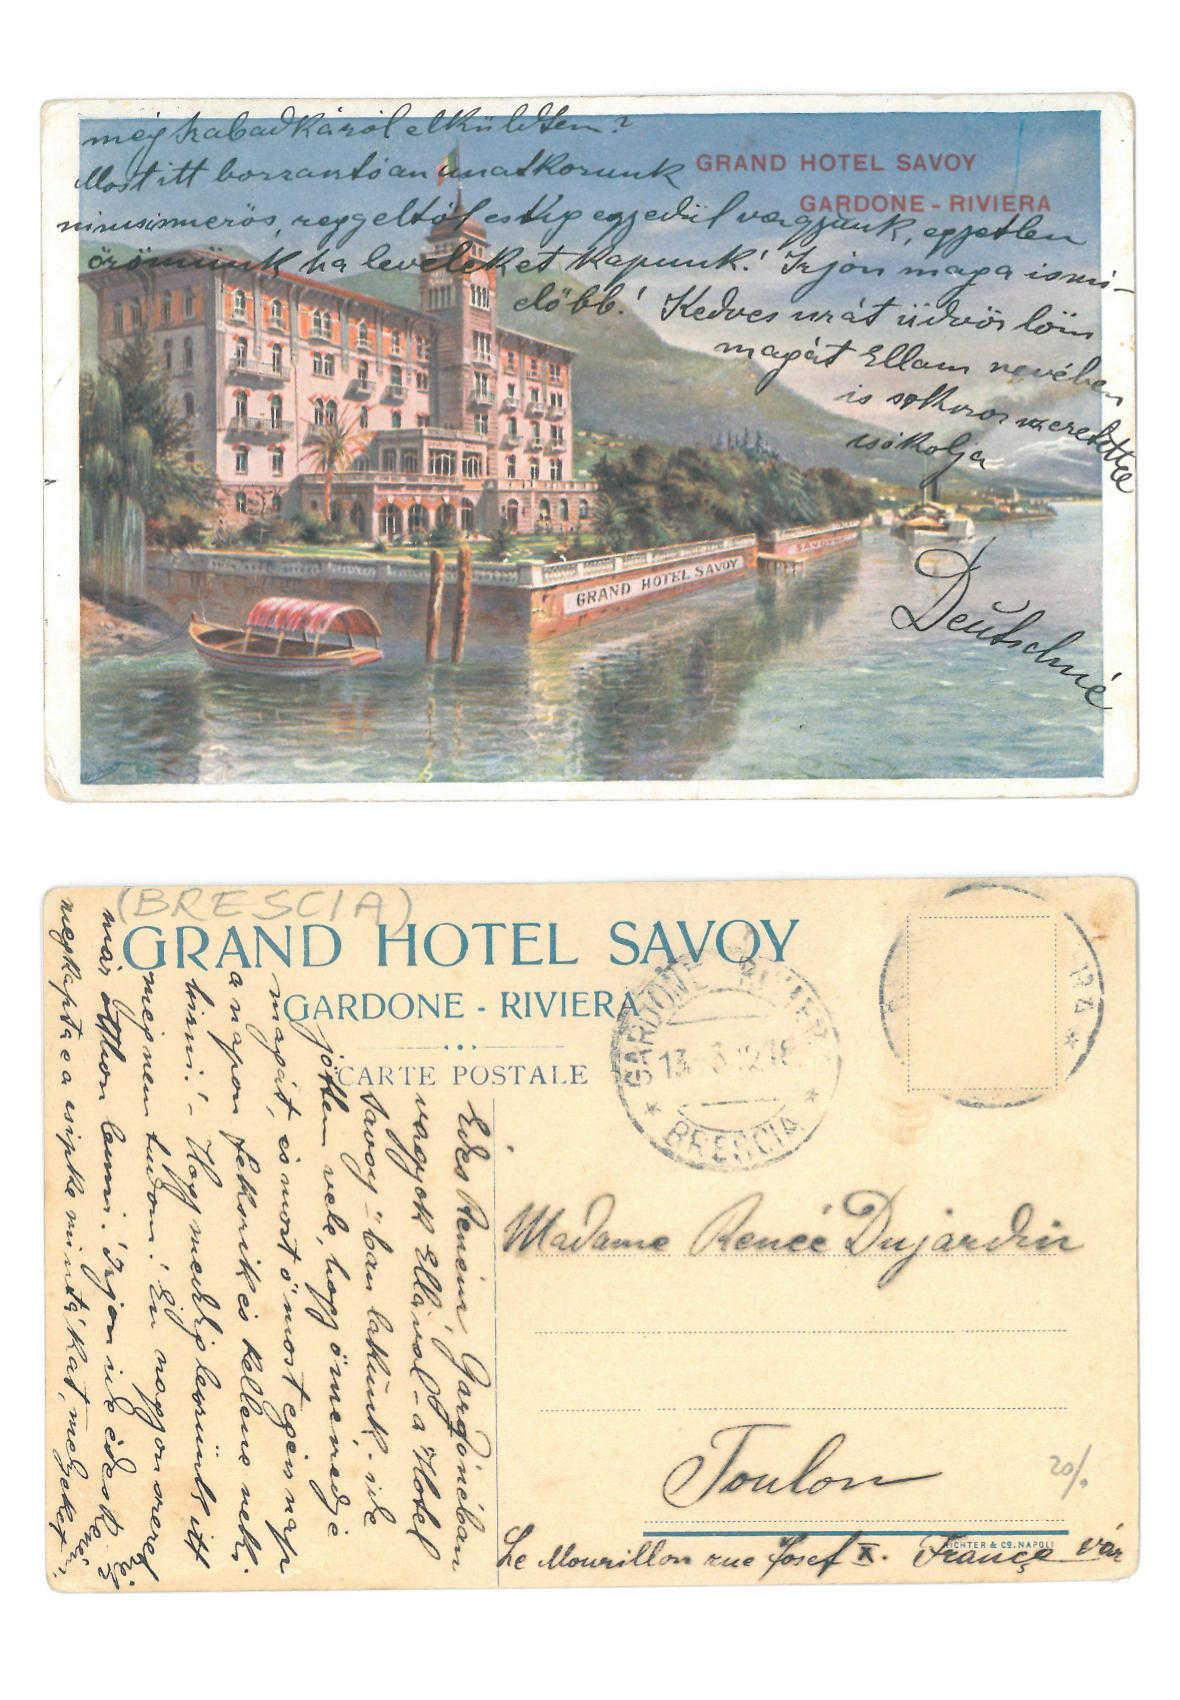 Grand Hotel Savoy Gardone Riviera